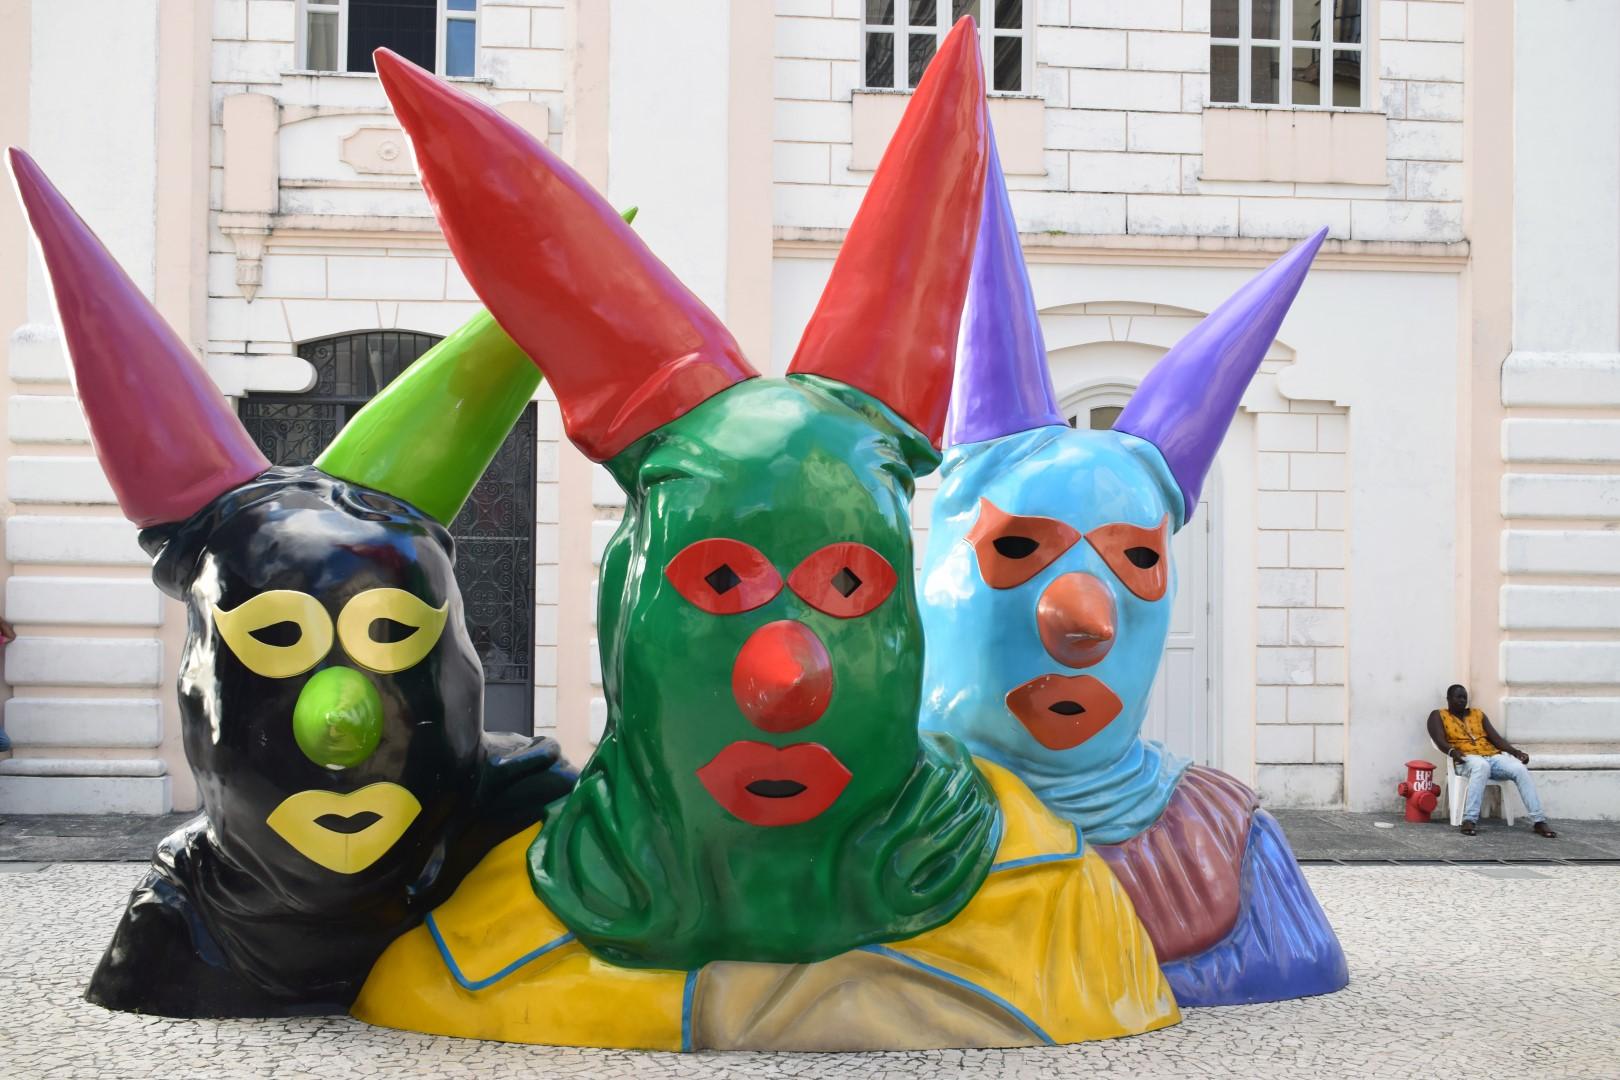 Casa do Carnaval da Bahia, Pelourinho, Salvador